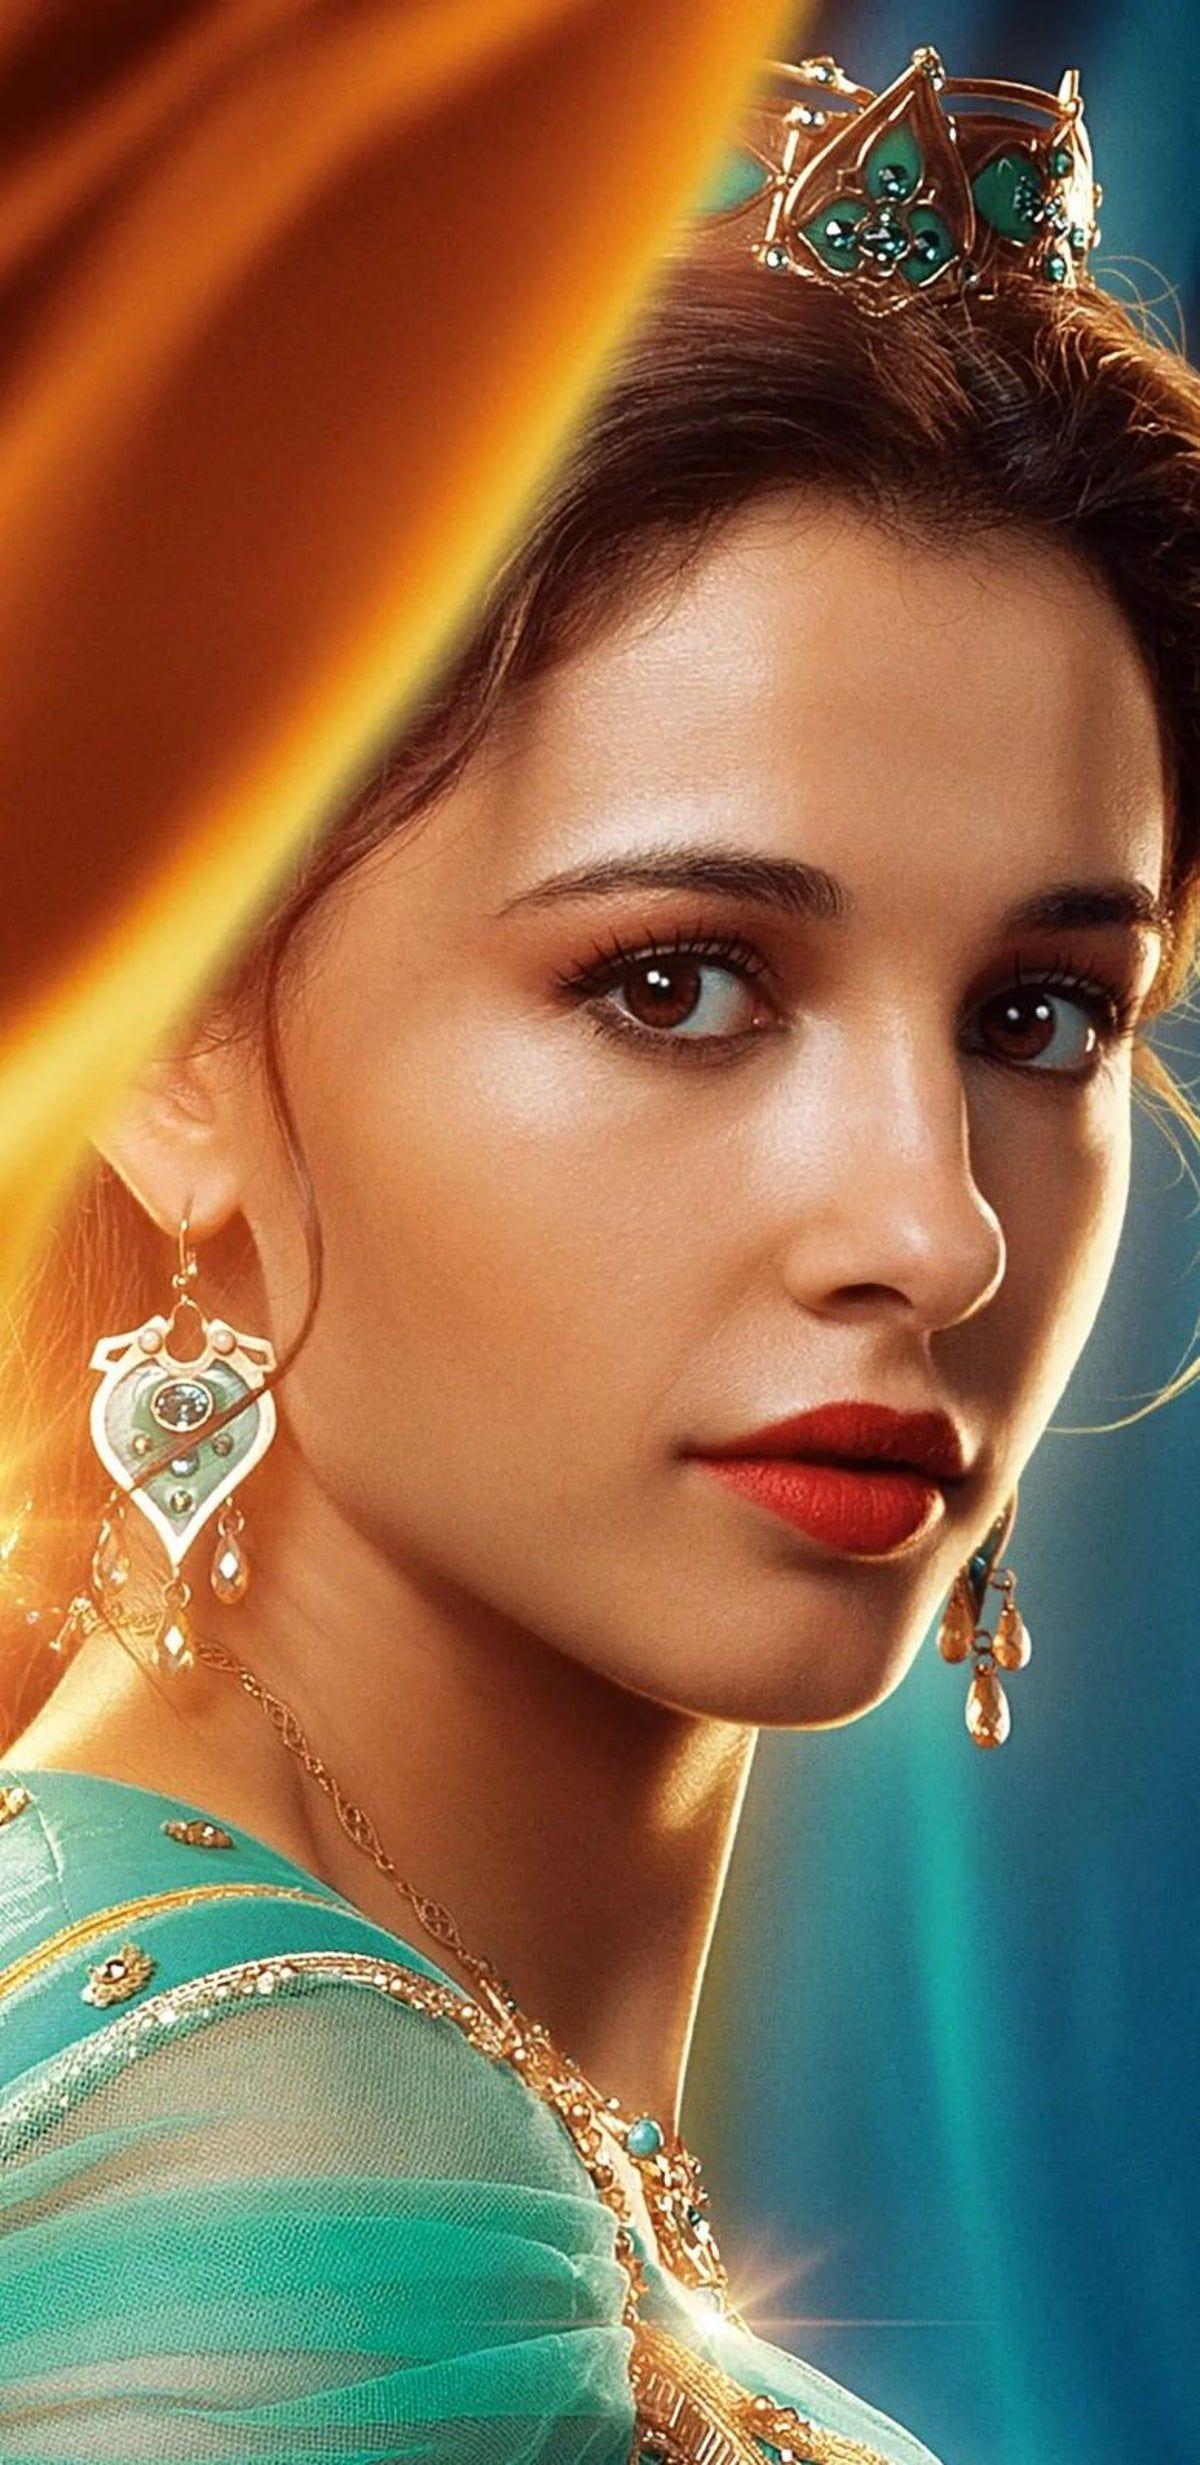 Disney Aladdin Earrings For Girls 14 Wallpaper Iphone Disney Princess Disney Jasmine Disney Princess Jasmine